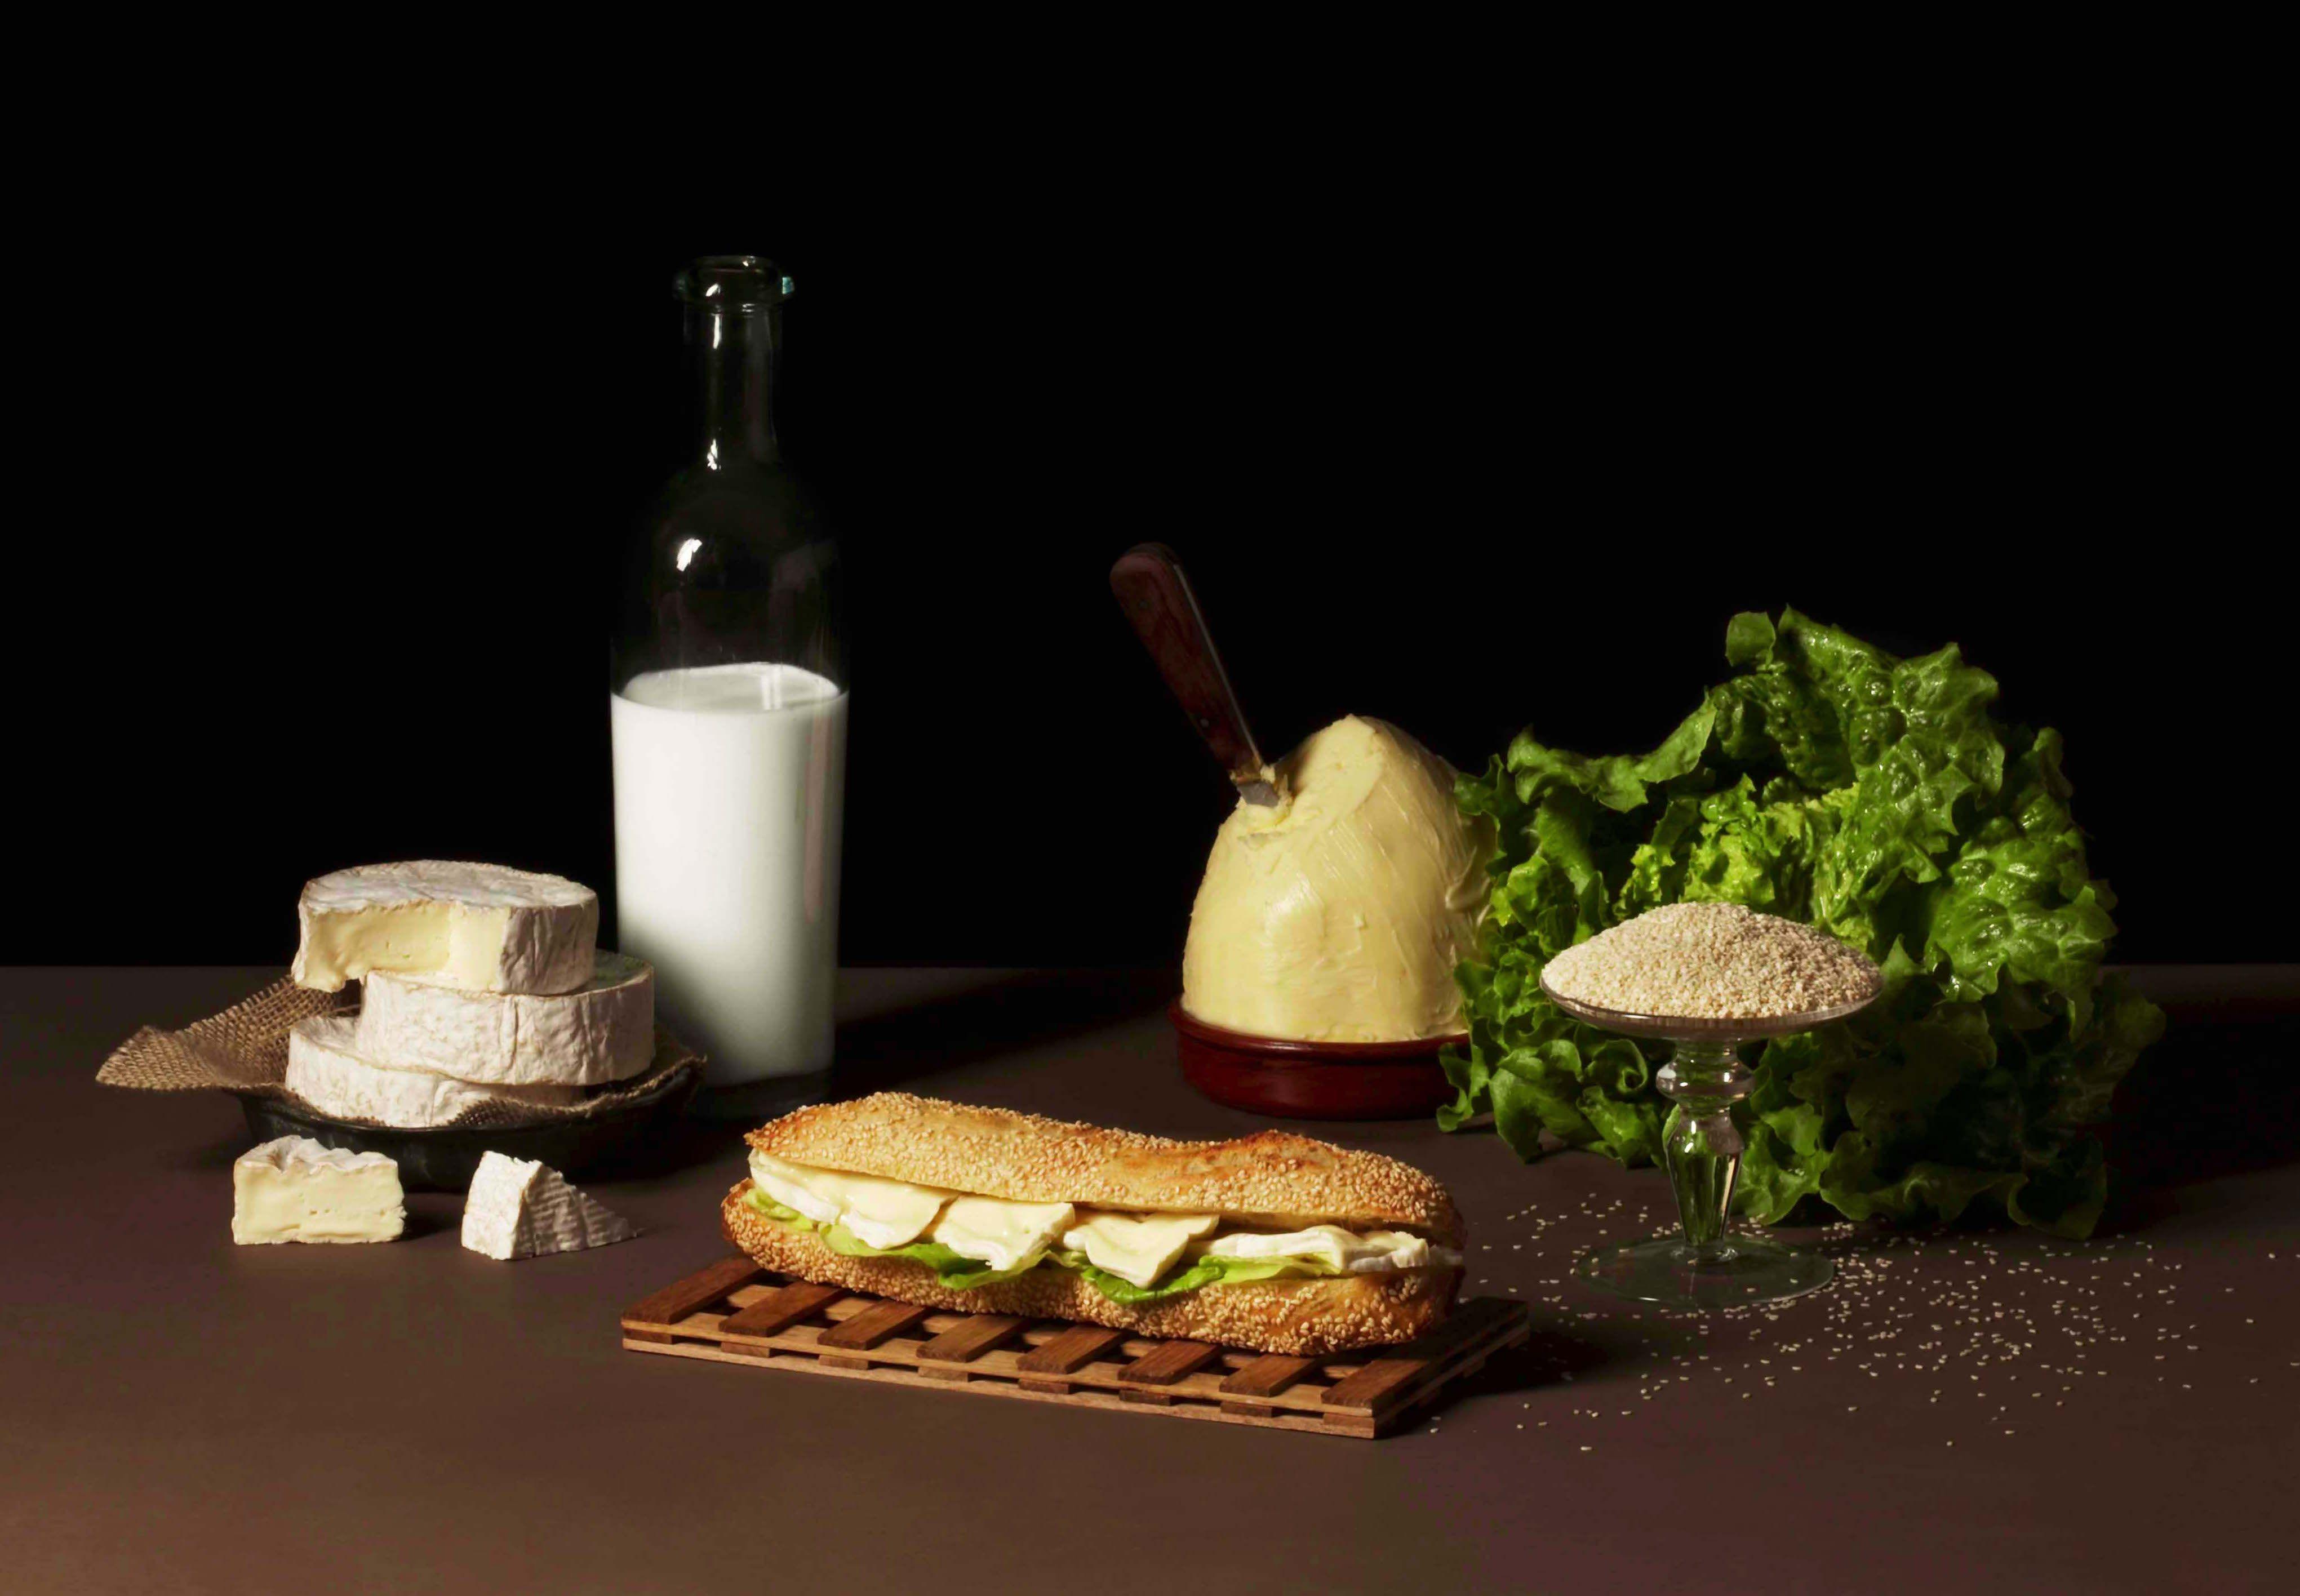 Mariage de la graine de sésame et du traditionnel camembert pour un sandwich original !